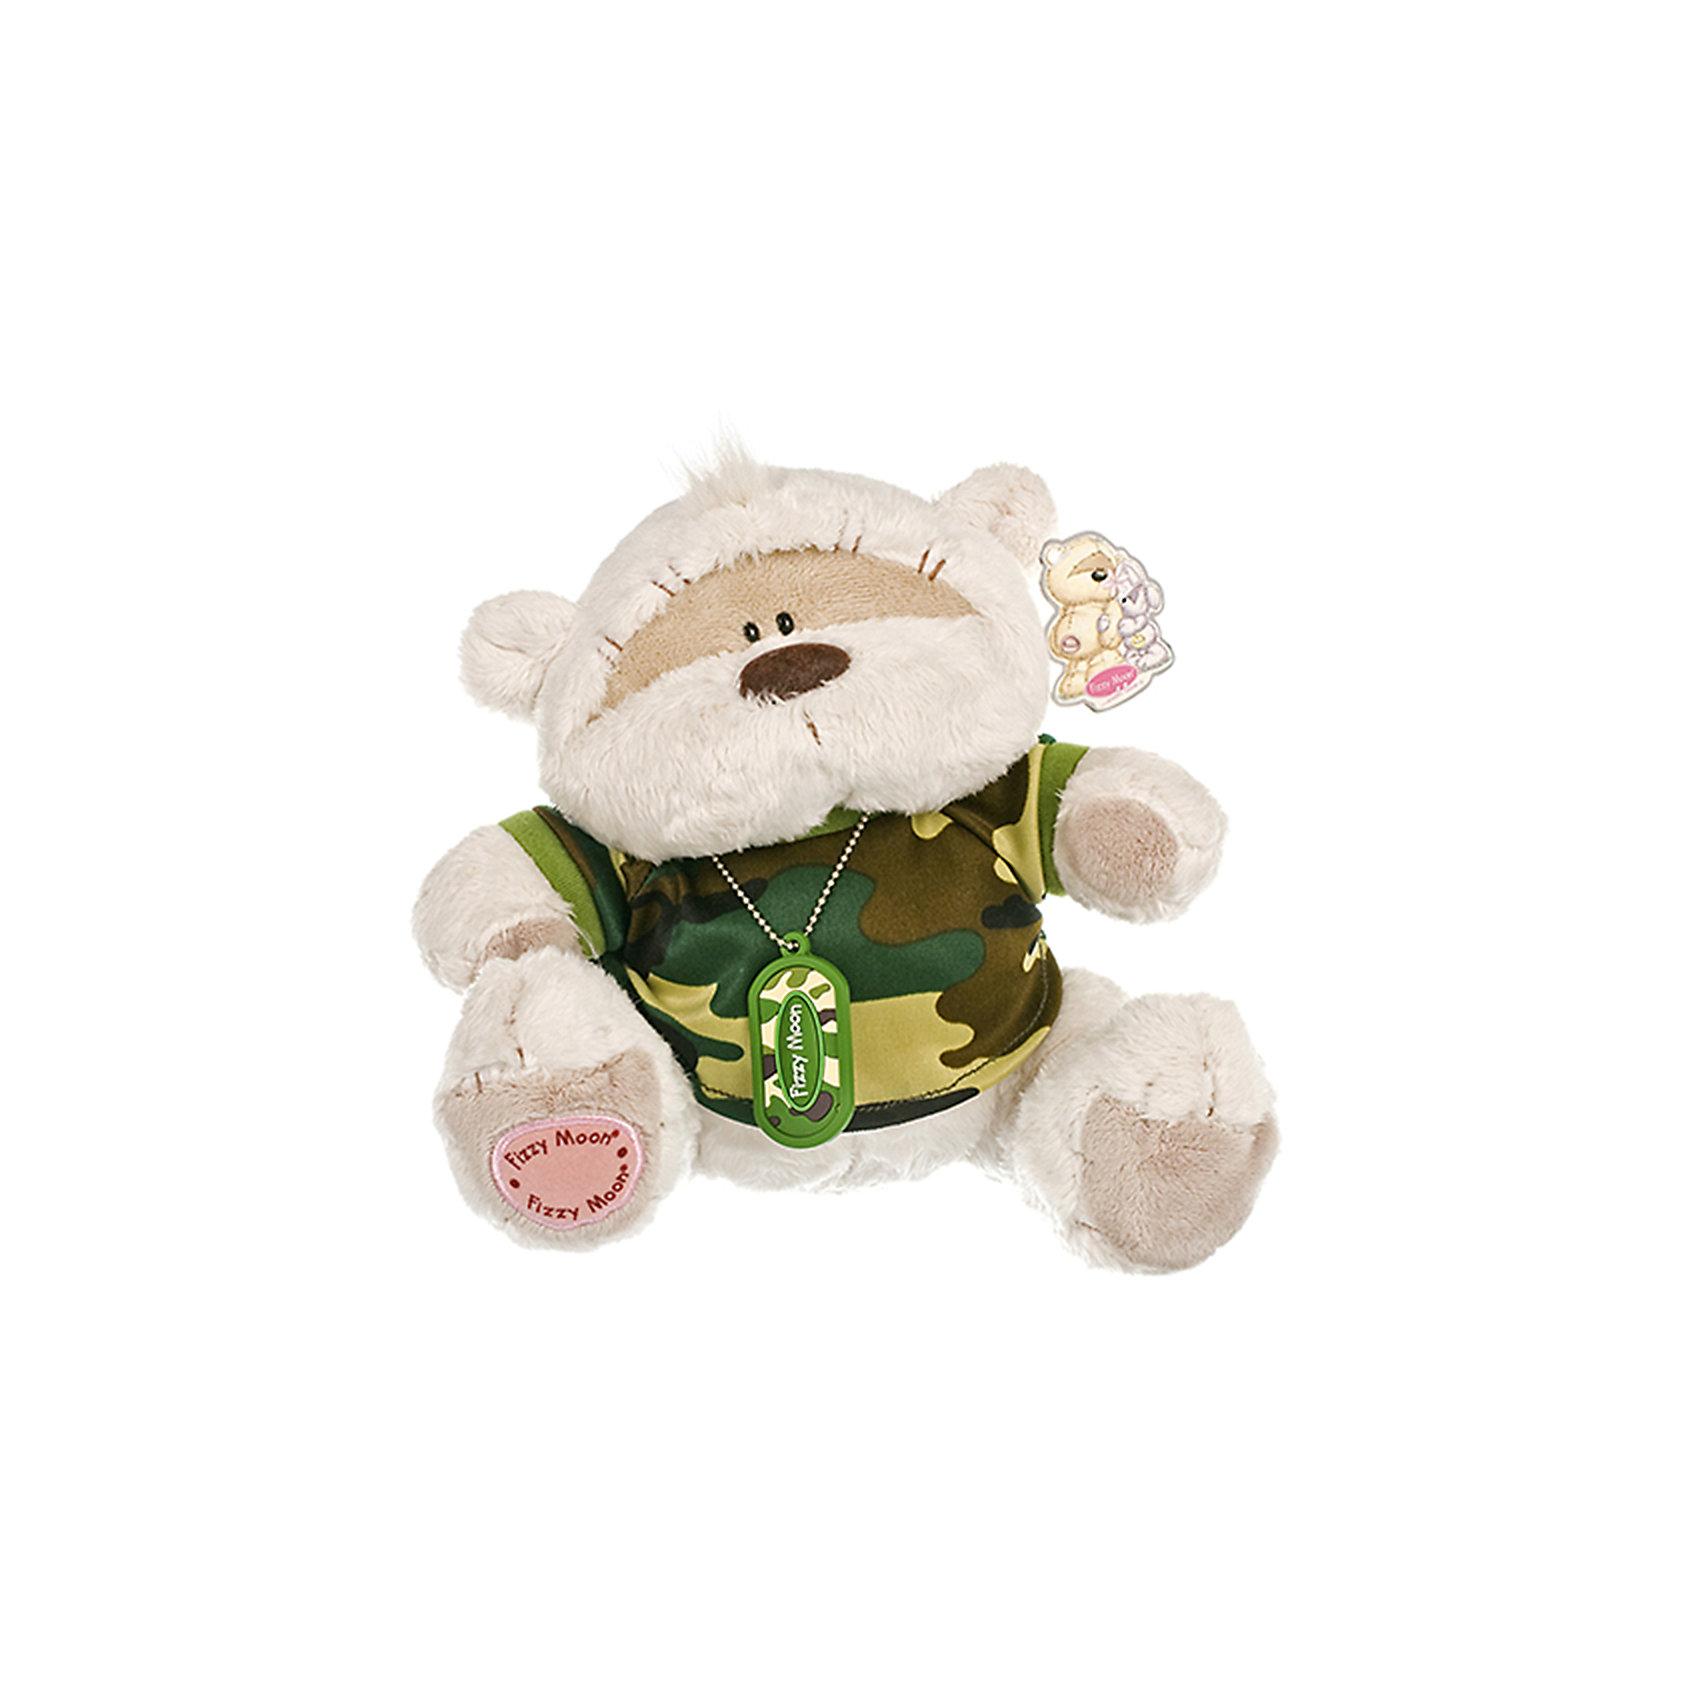 Мишка, 20 см, Fizzy MoonМедвежата<br>Мишка, 20 см, Fizzy Moon (Физзи Мун).<br><br>Характеристики:<br><br>- Размер: 20 см.<br>- Материал: искусственный мех, текстиль<br><br>Сидящий медвежонок по имени Физзи Мун в камуфляжной футболке и с армейским жетоном на шее с надписью Fizzy Moon вызывает только положительные эмоции. Трогательный и обаятельный мишка порадует как детей, так и взрослых. У мишки умилительная смешная мордашка, забавный носик и черные как угольки глазки. Он изготовлен из высококачественных материалов. Fizzy Moon (Физзи Мун) всемирно известный бренд игрушек, который уже завоевал любовь и популярность! Добрый мишка Физзи Мун станет отличным подарком!<br><br>Мишку, 20 см, Fizzy Moon (Физзи Мун) можно купить в нашем интернет-магазине.<br><br>Ширина мм: 100<br>Глубина мм: 60<br>Высота мм: 200<br>Вес г: 280<br>Возраст от месяцев: 36<br>Возраст до месяцев: 2147483647<br>Пол: Мужской<br>Возраст: Детский<br>SKU: 5119976